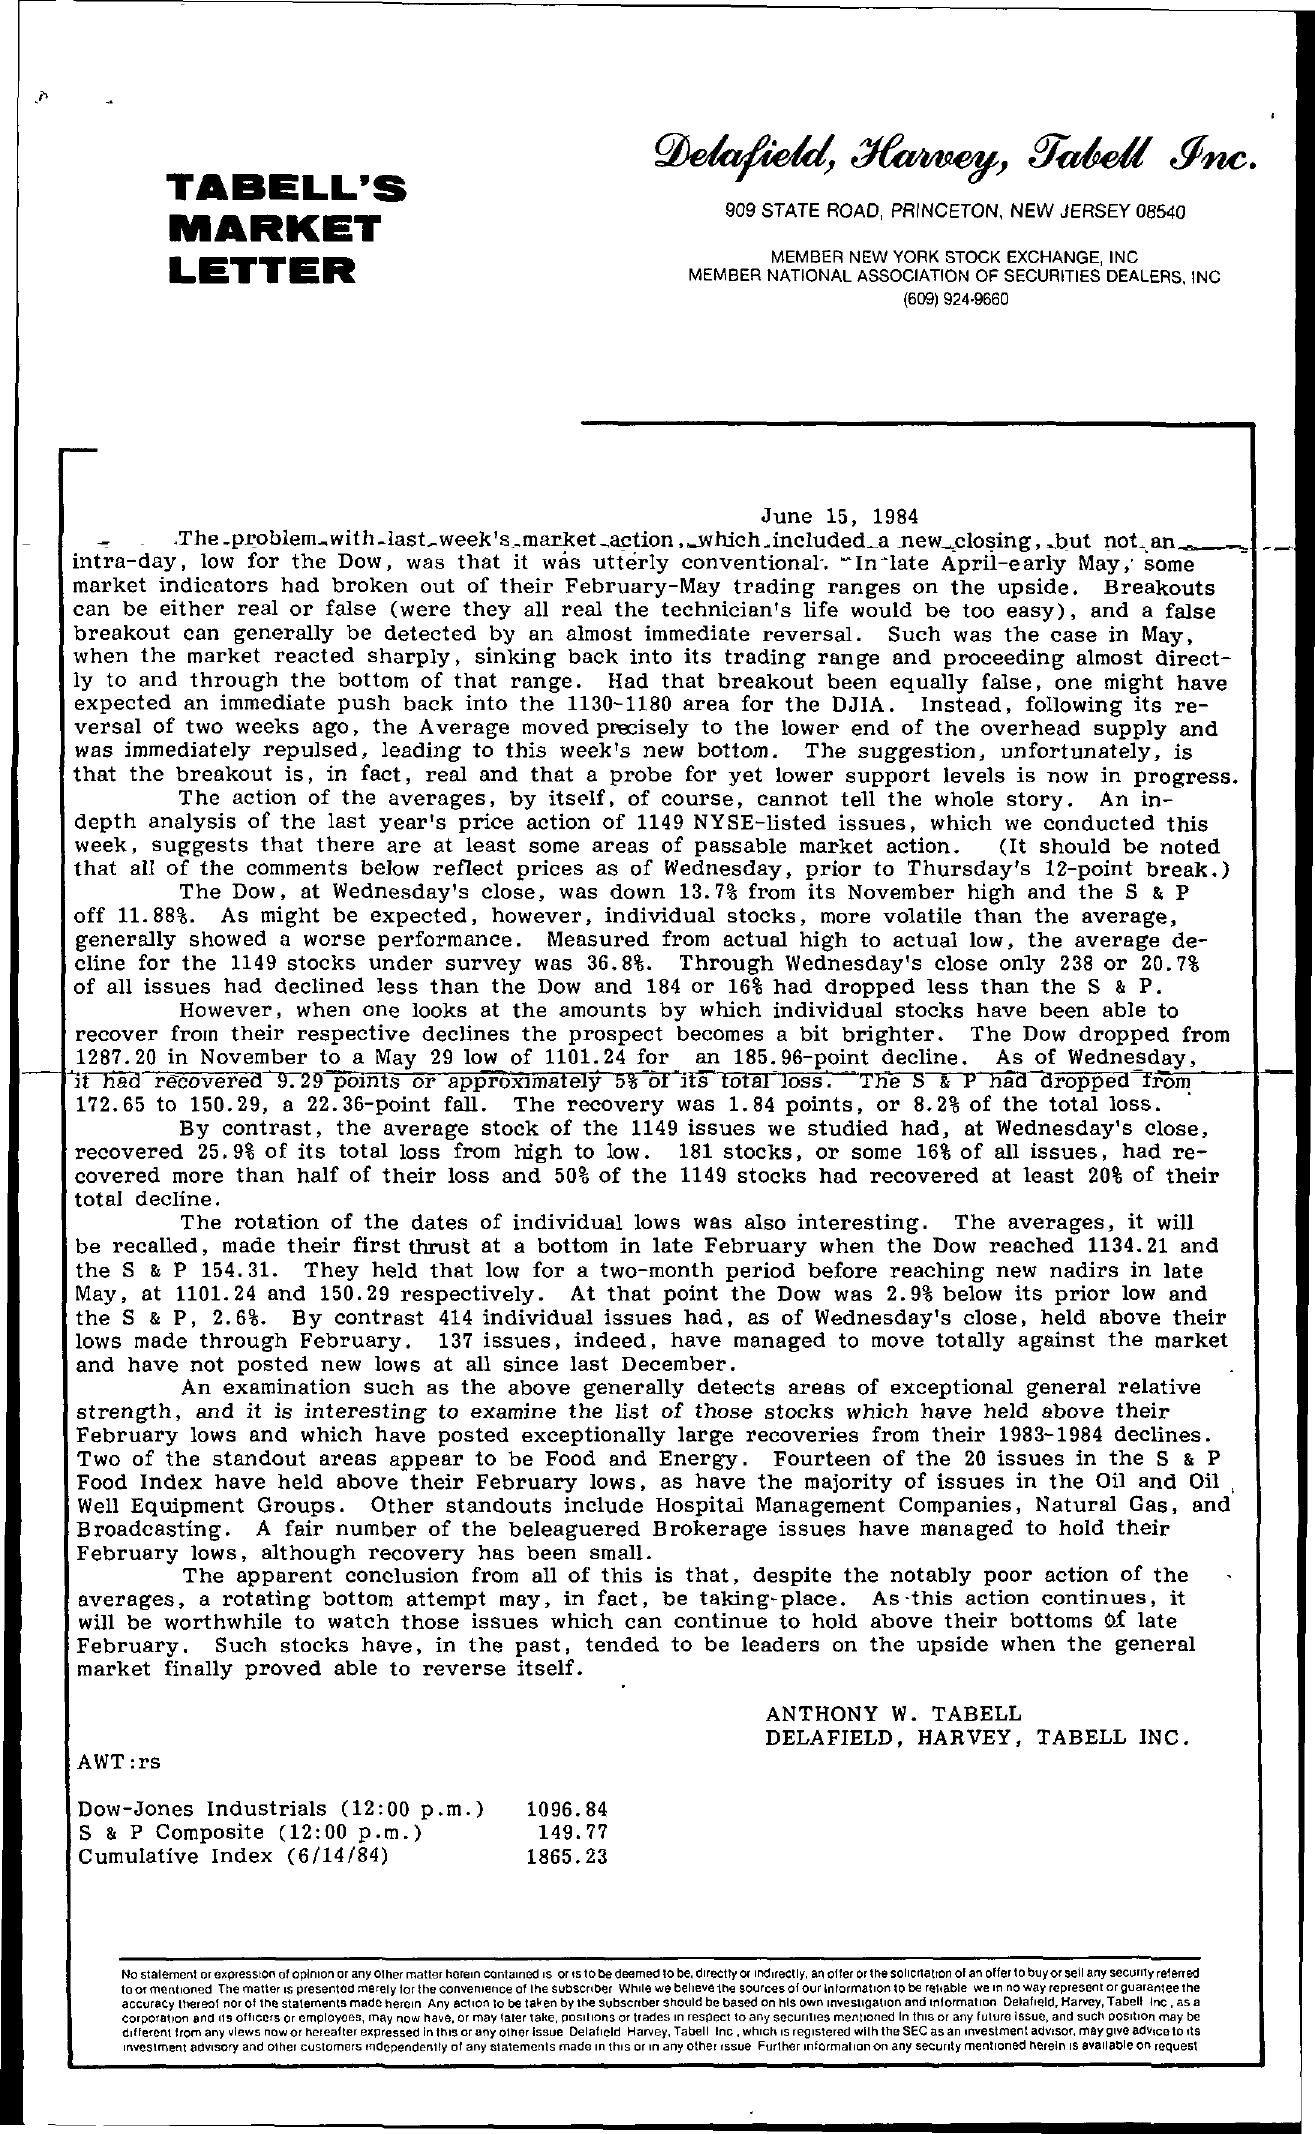 Tabell's Market Letter - June 15, 1984